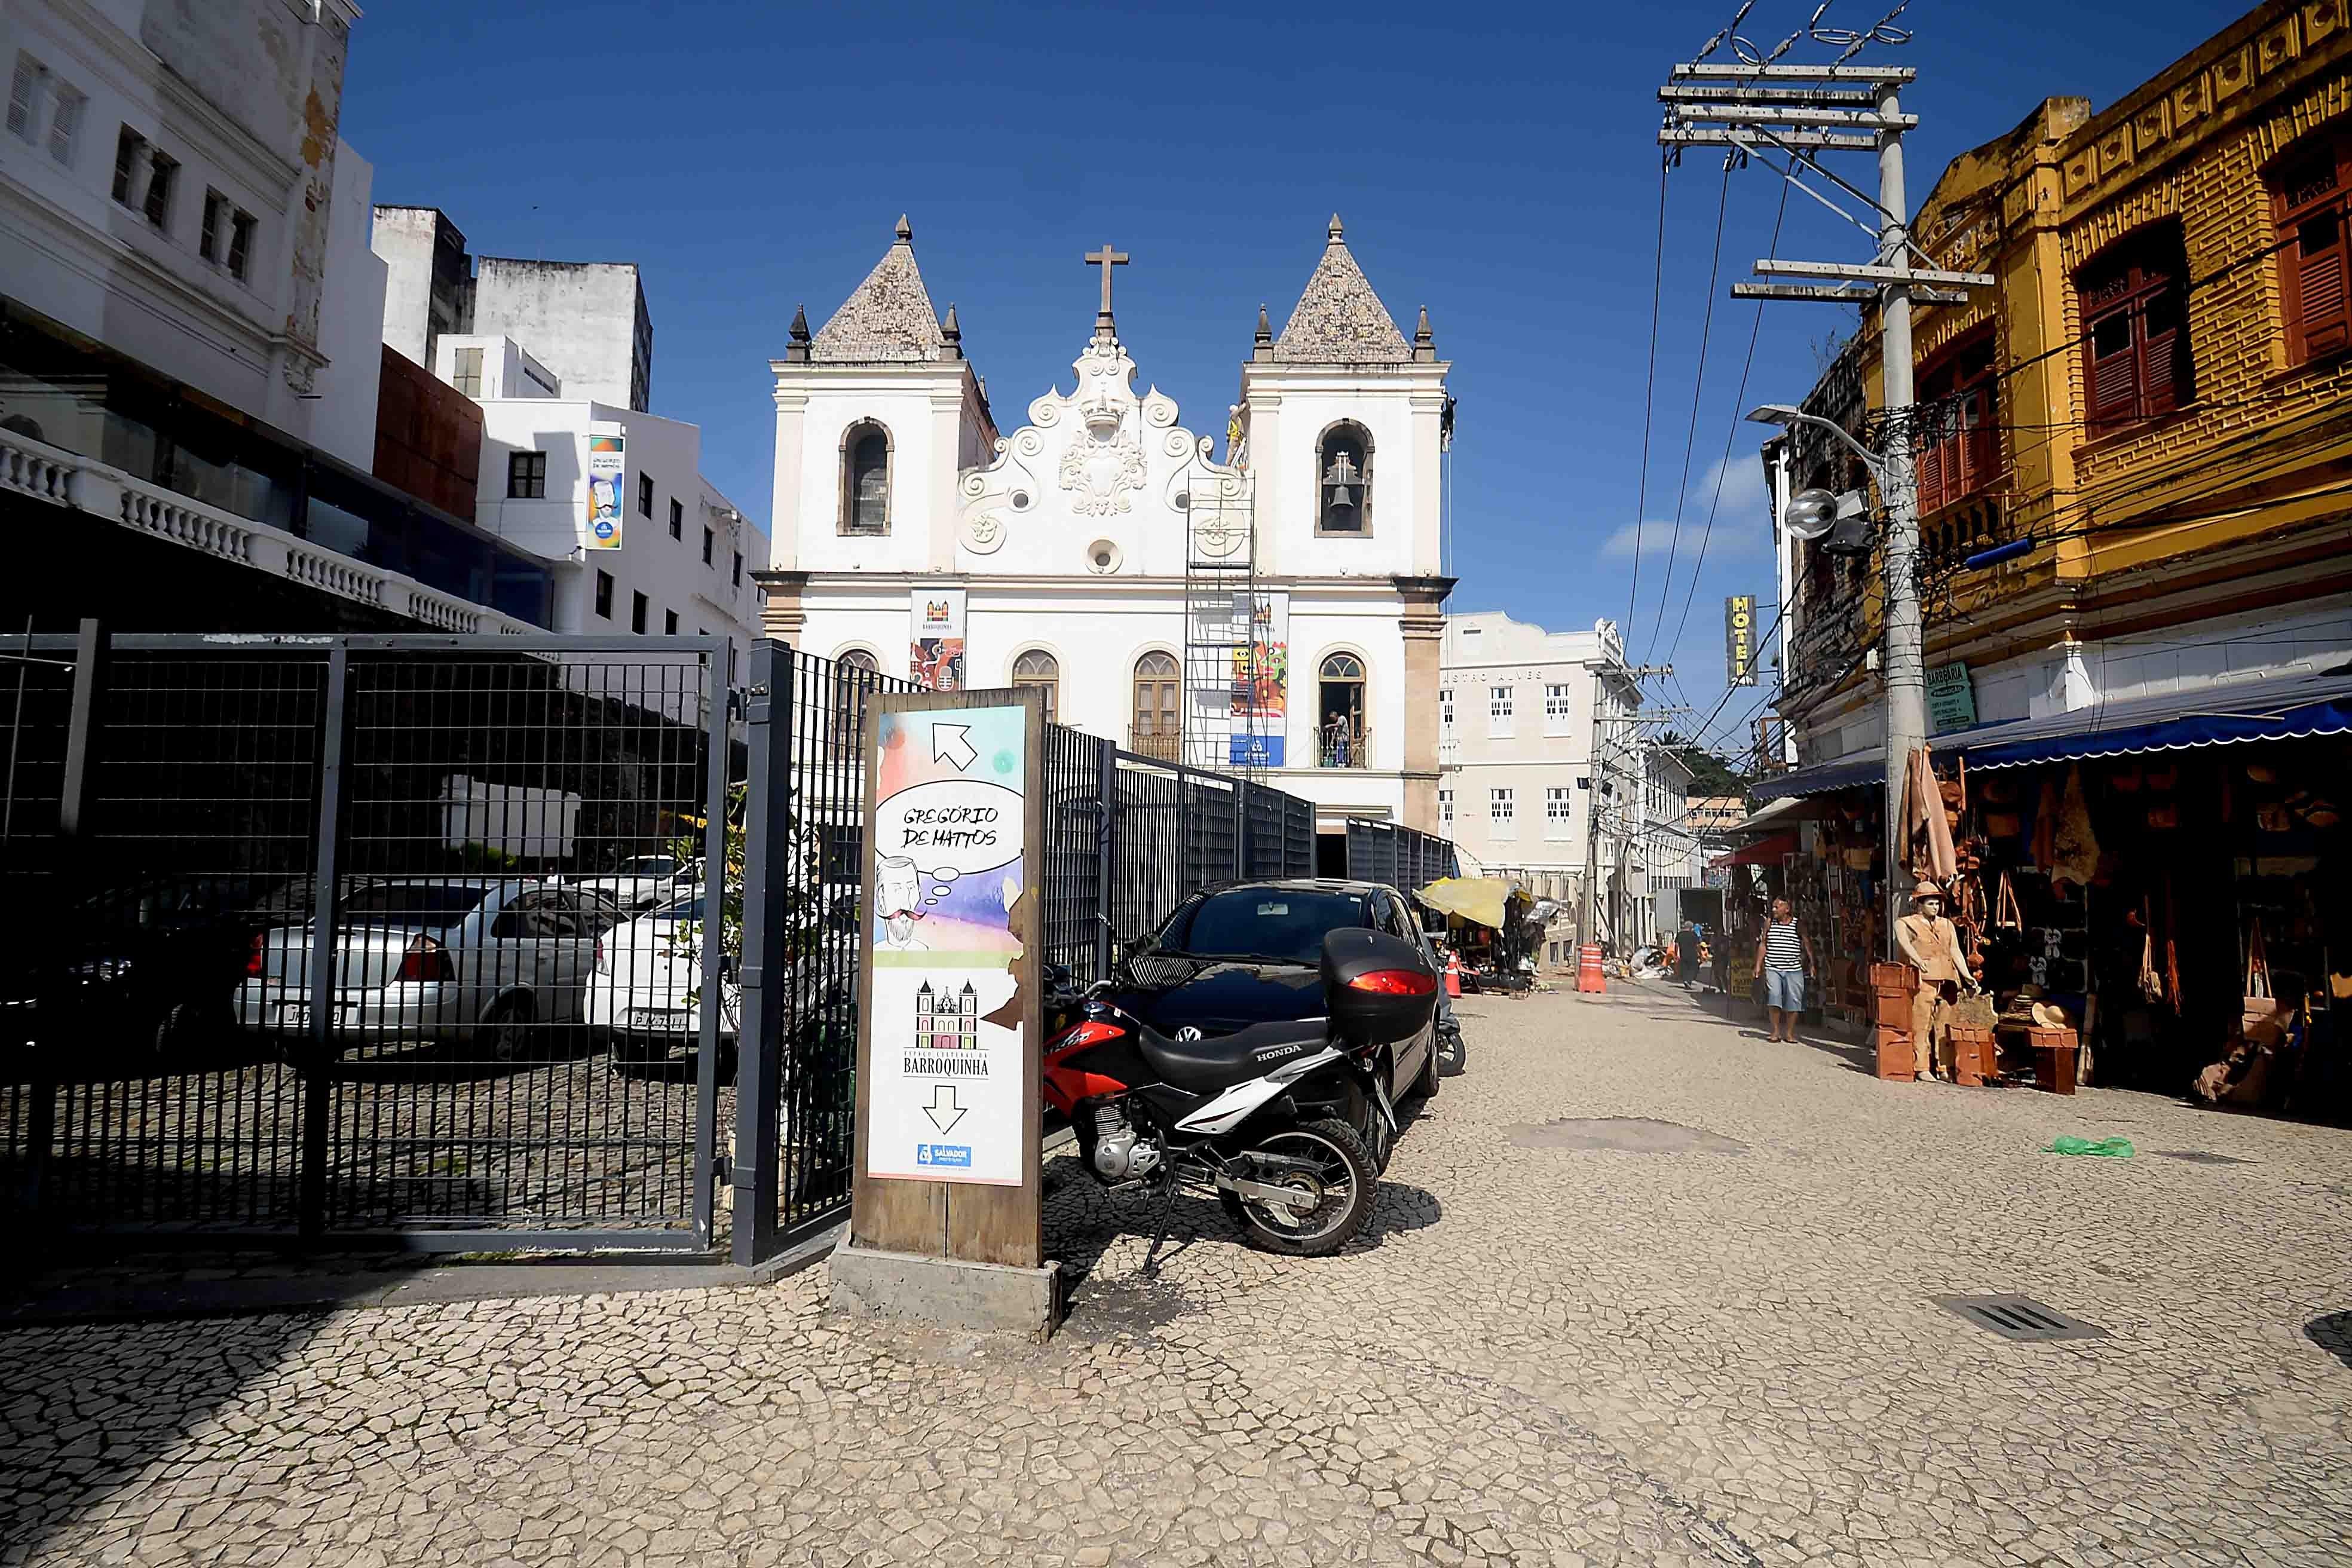 'Viva Cultura': Prefeitura lança programa para conceder incentivos fiscais a patrocinadores de projetos culturais em Salvador